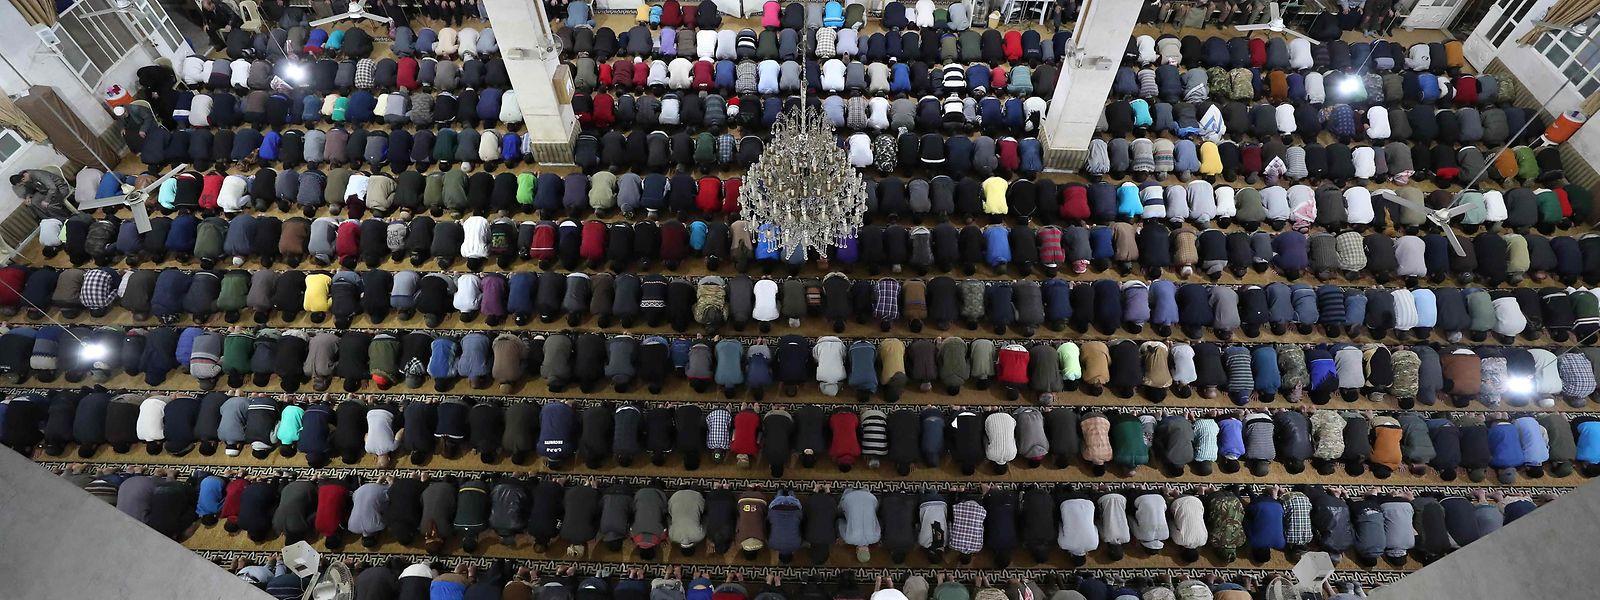 Trotz Corona ist die Moschee in der umkämpften Stadt Idlib bis auf den letzten Platz gefüllt.